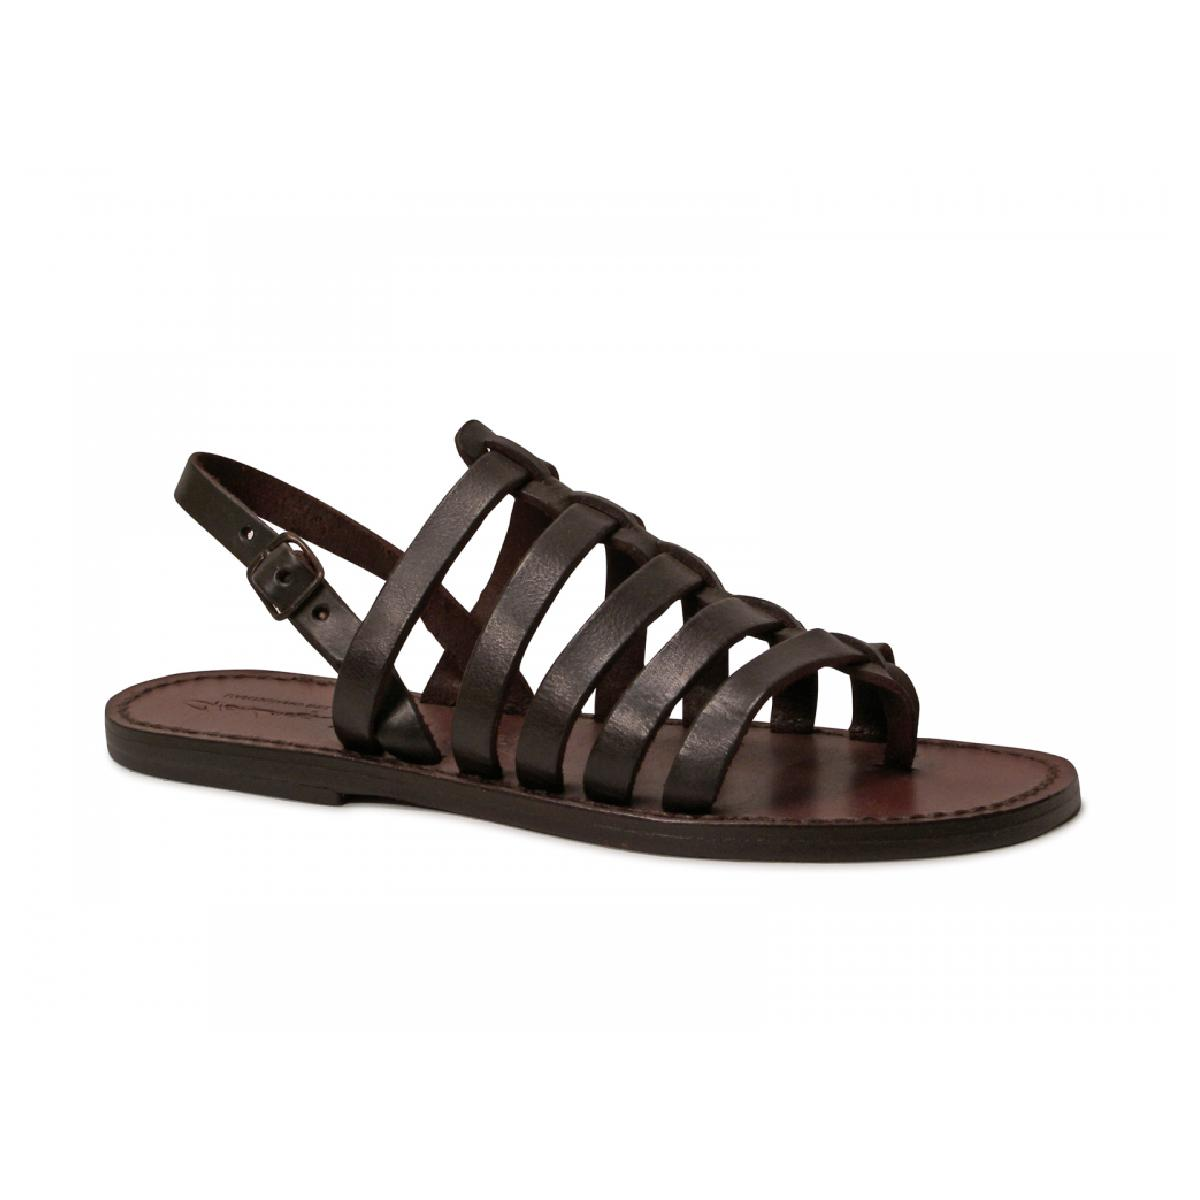 sandals tongs femme en cuir coulor marron pas cher gianluca l 39 artisan du cuir. Black Bedroom Furniture Sets. Home Design Ideas